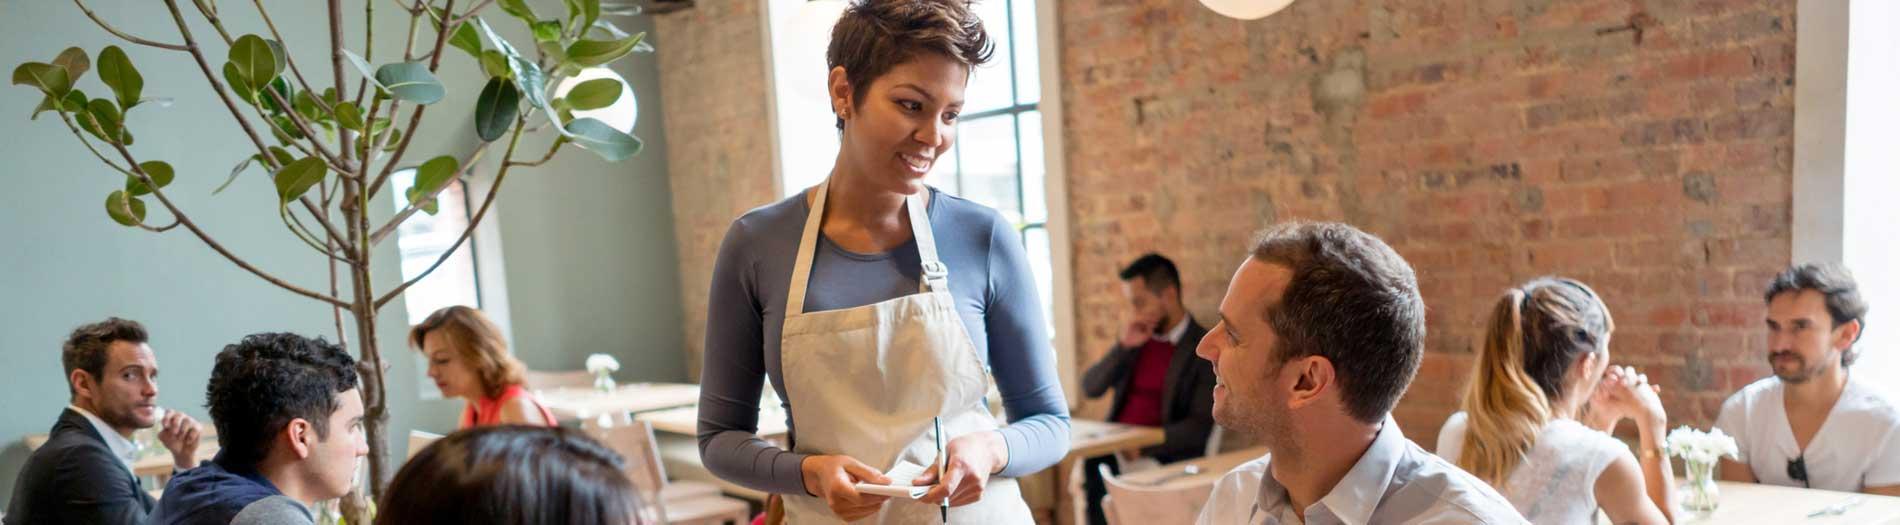 waitress taking man's order Restaurant Insurance